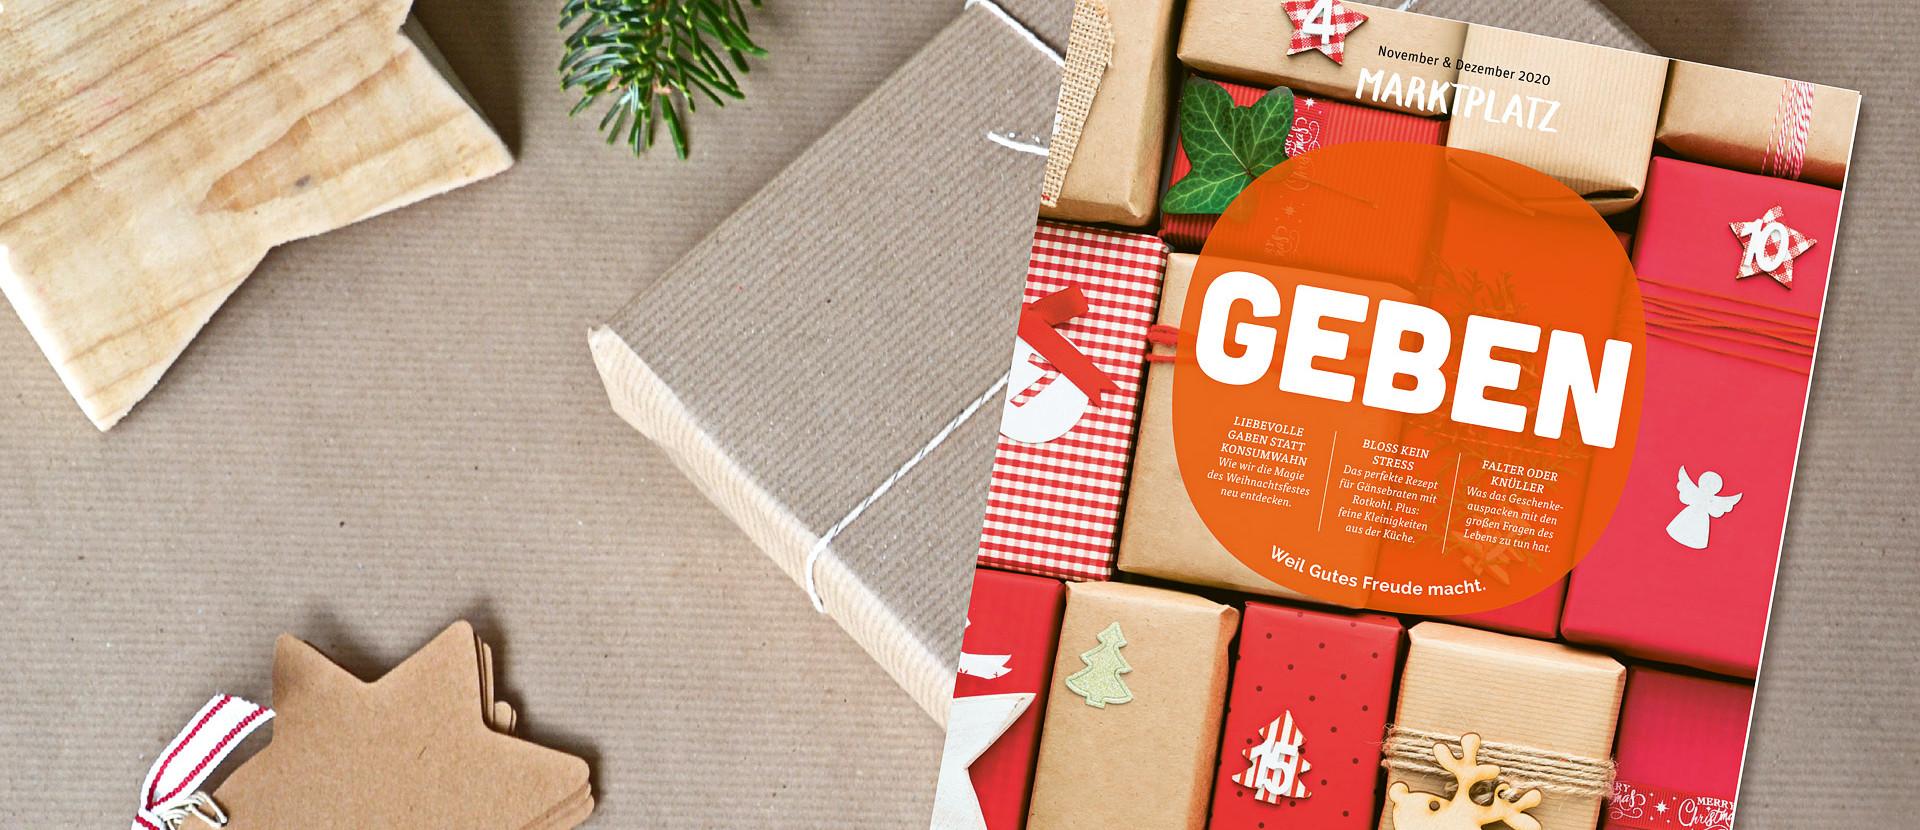 Die November/ Dezember 2020 Ausgabe des Marktplatzes liegt auf einem Geschenkt